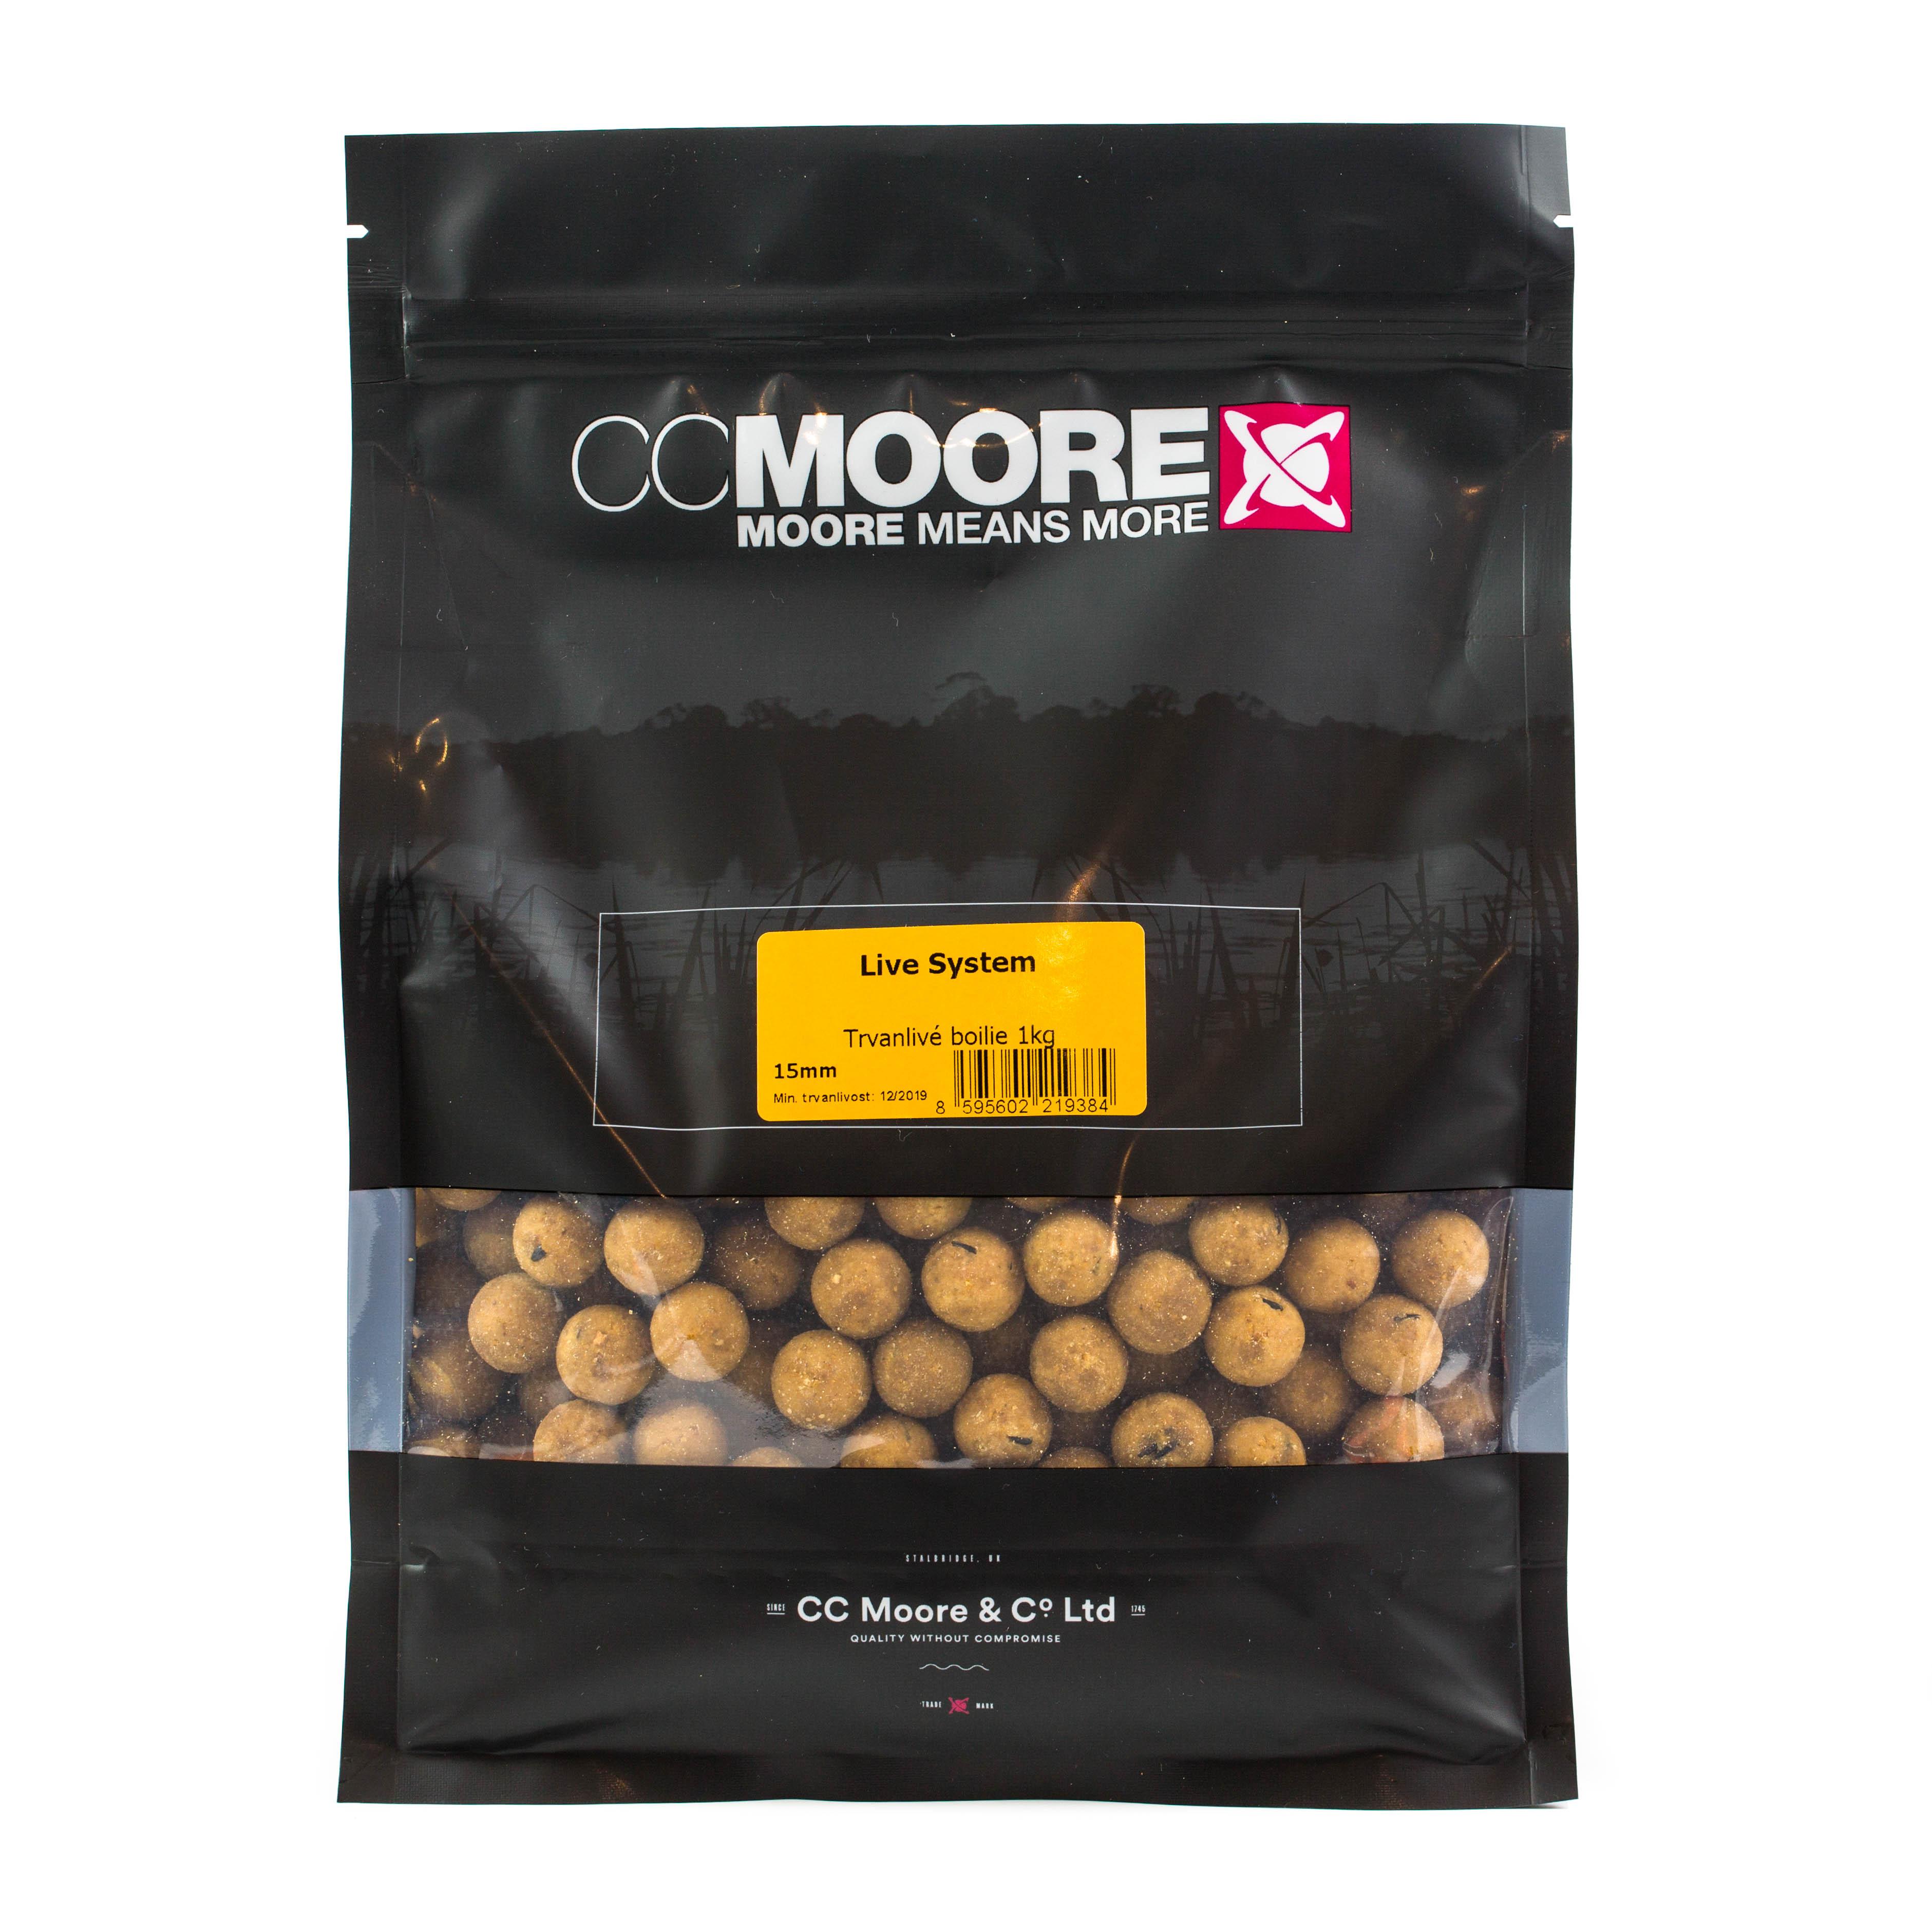 CC Moore Live system - Trvanlivé boilie 18mm 1kg